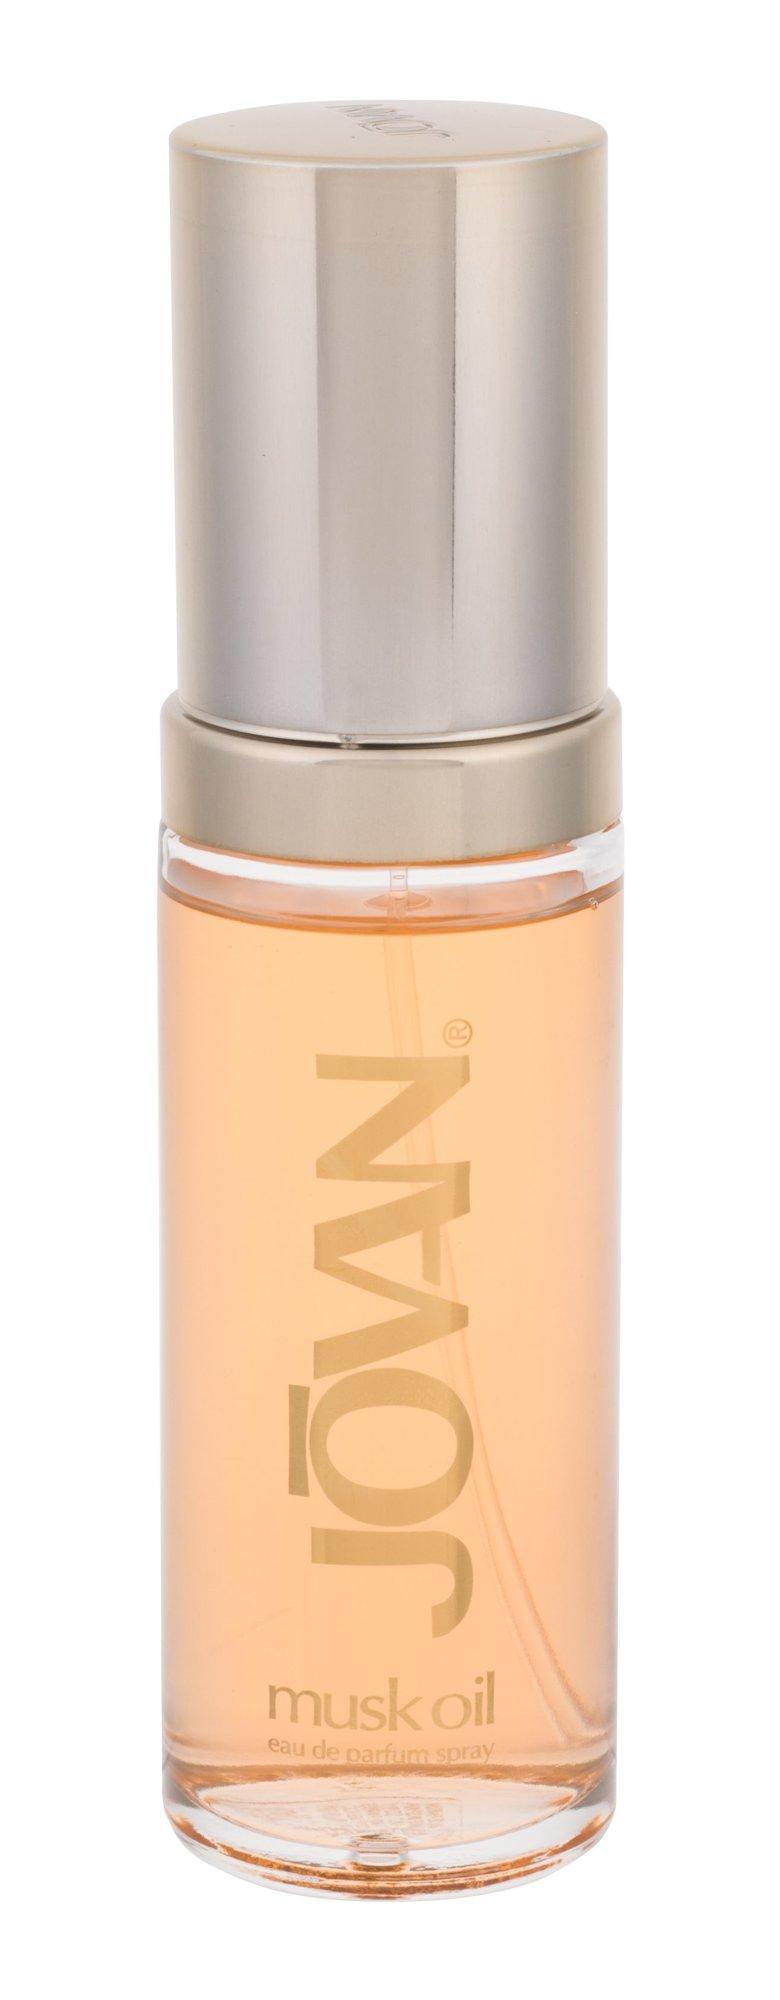 Jovan Musk Oil Perfumed Oil 59ml